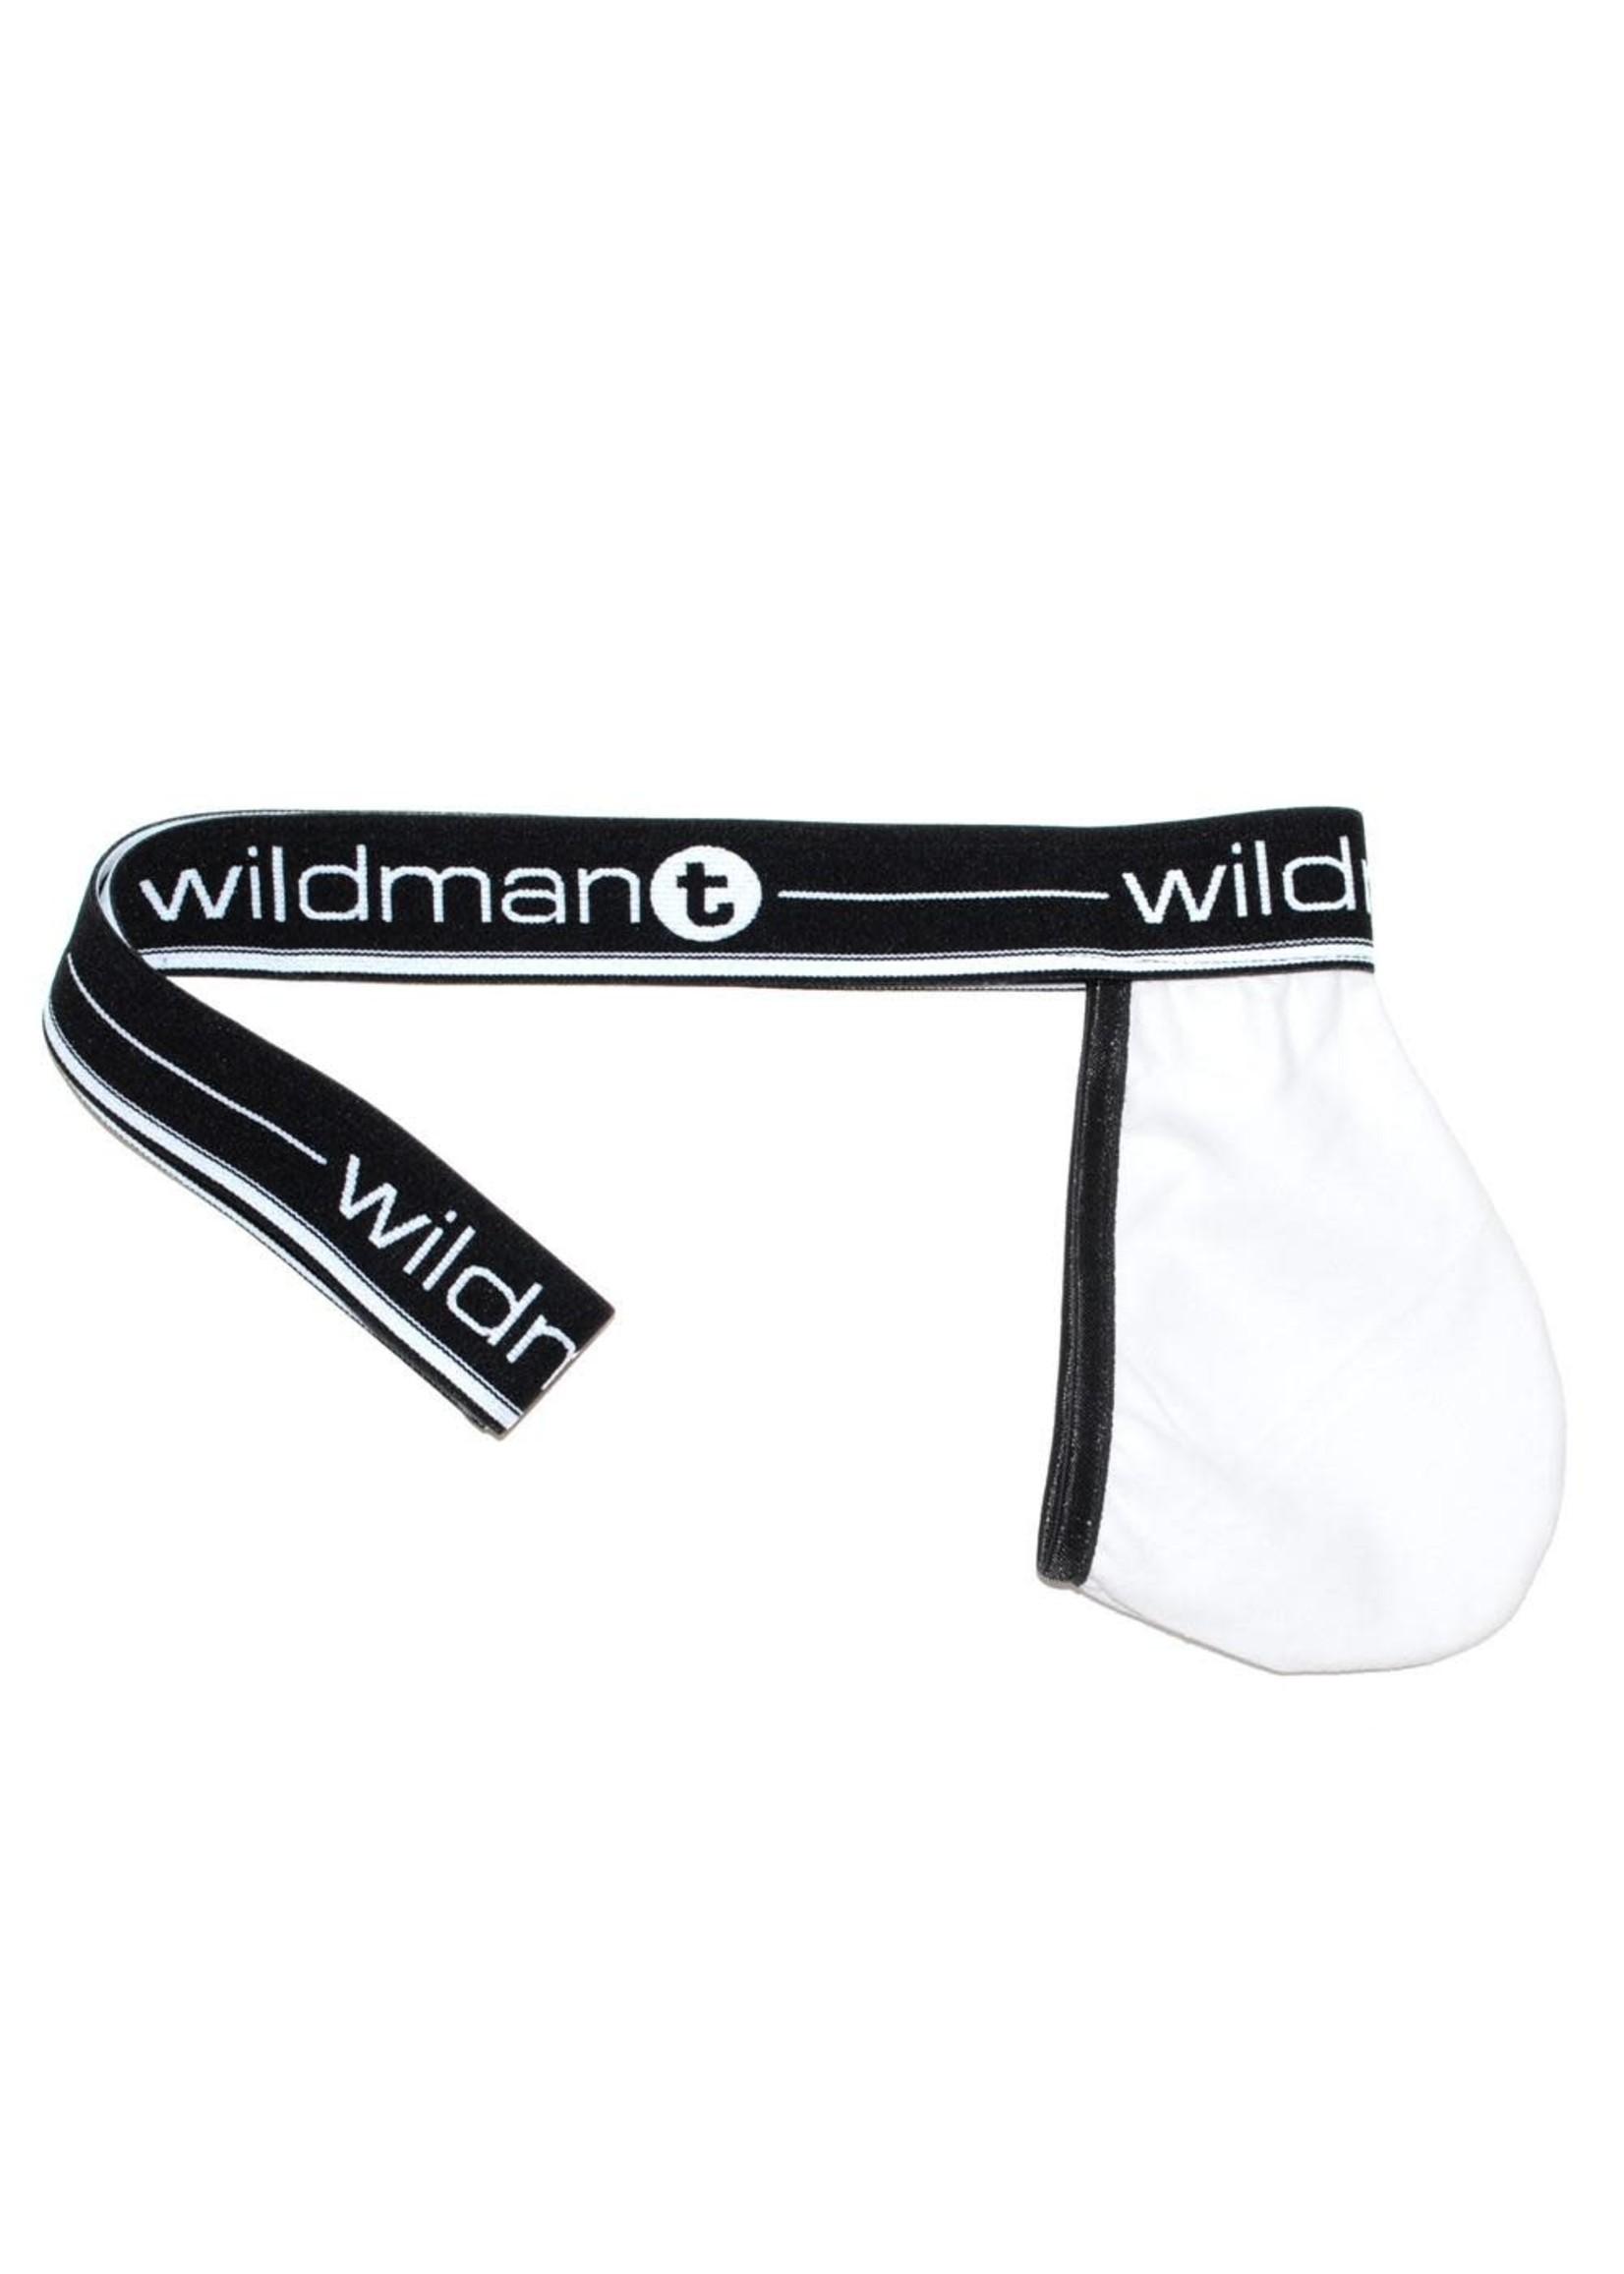 WildmanT WildmanT Big Boy Pouch Strapless Jock